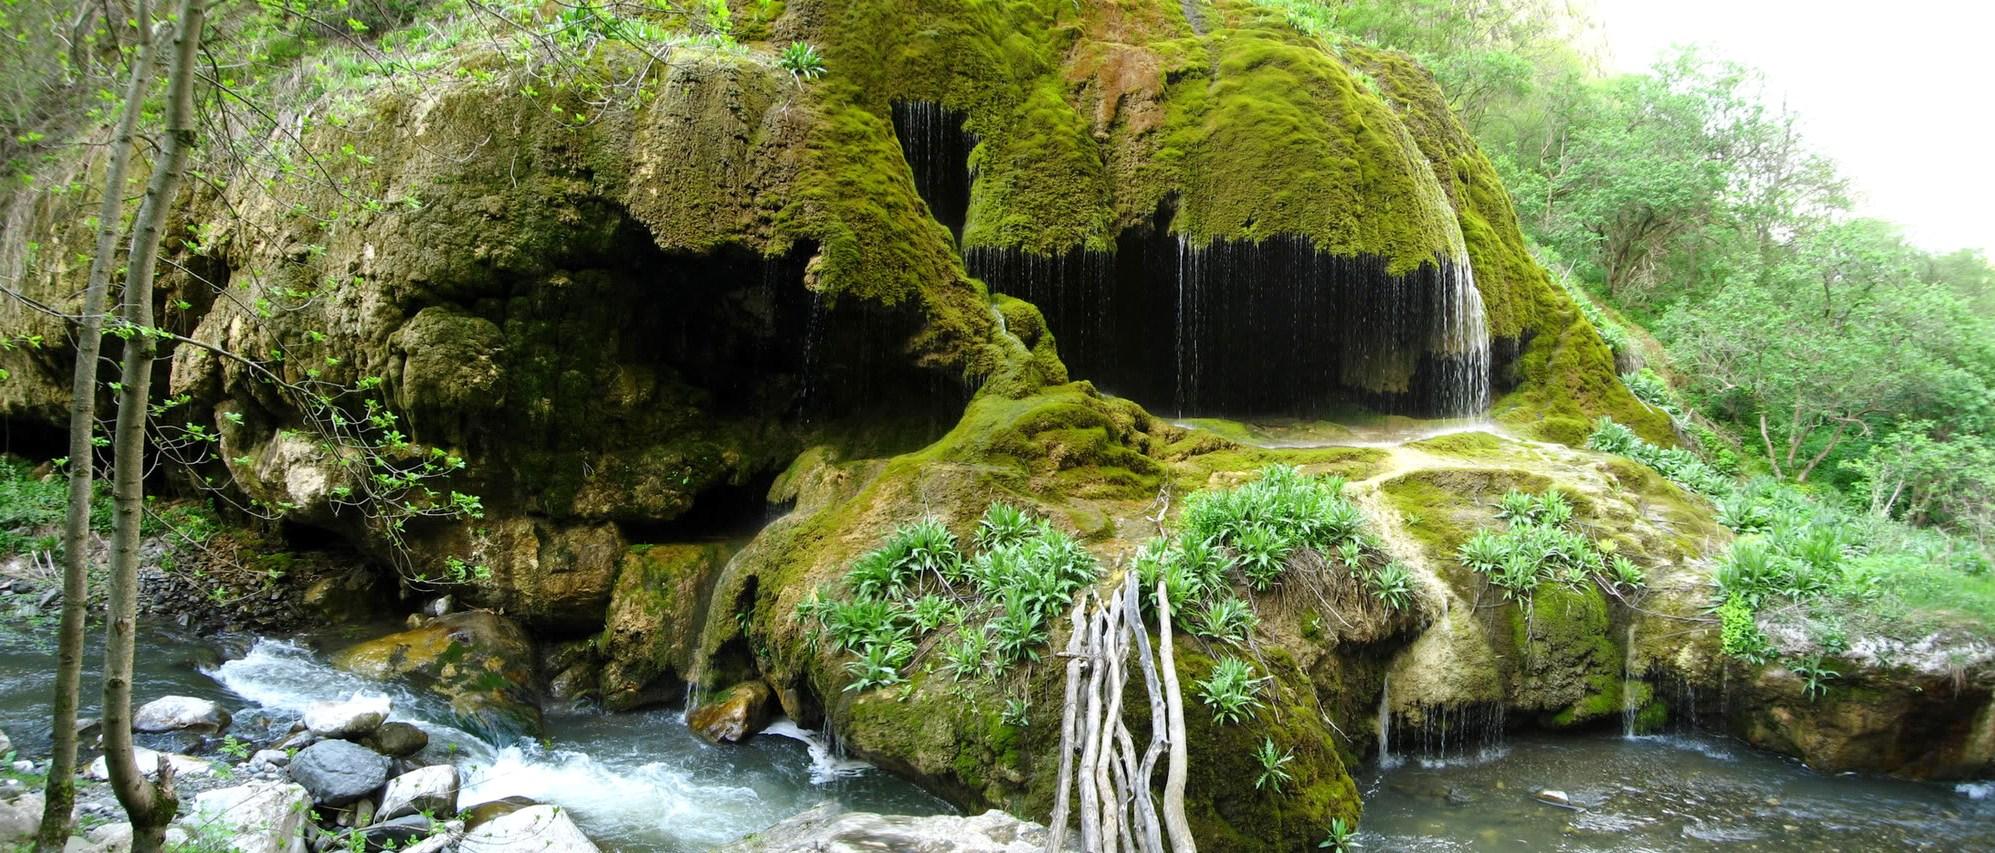 Водопад - Зонтики, Армения